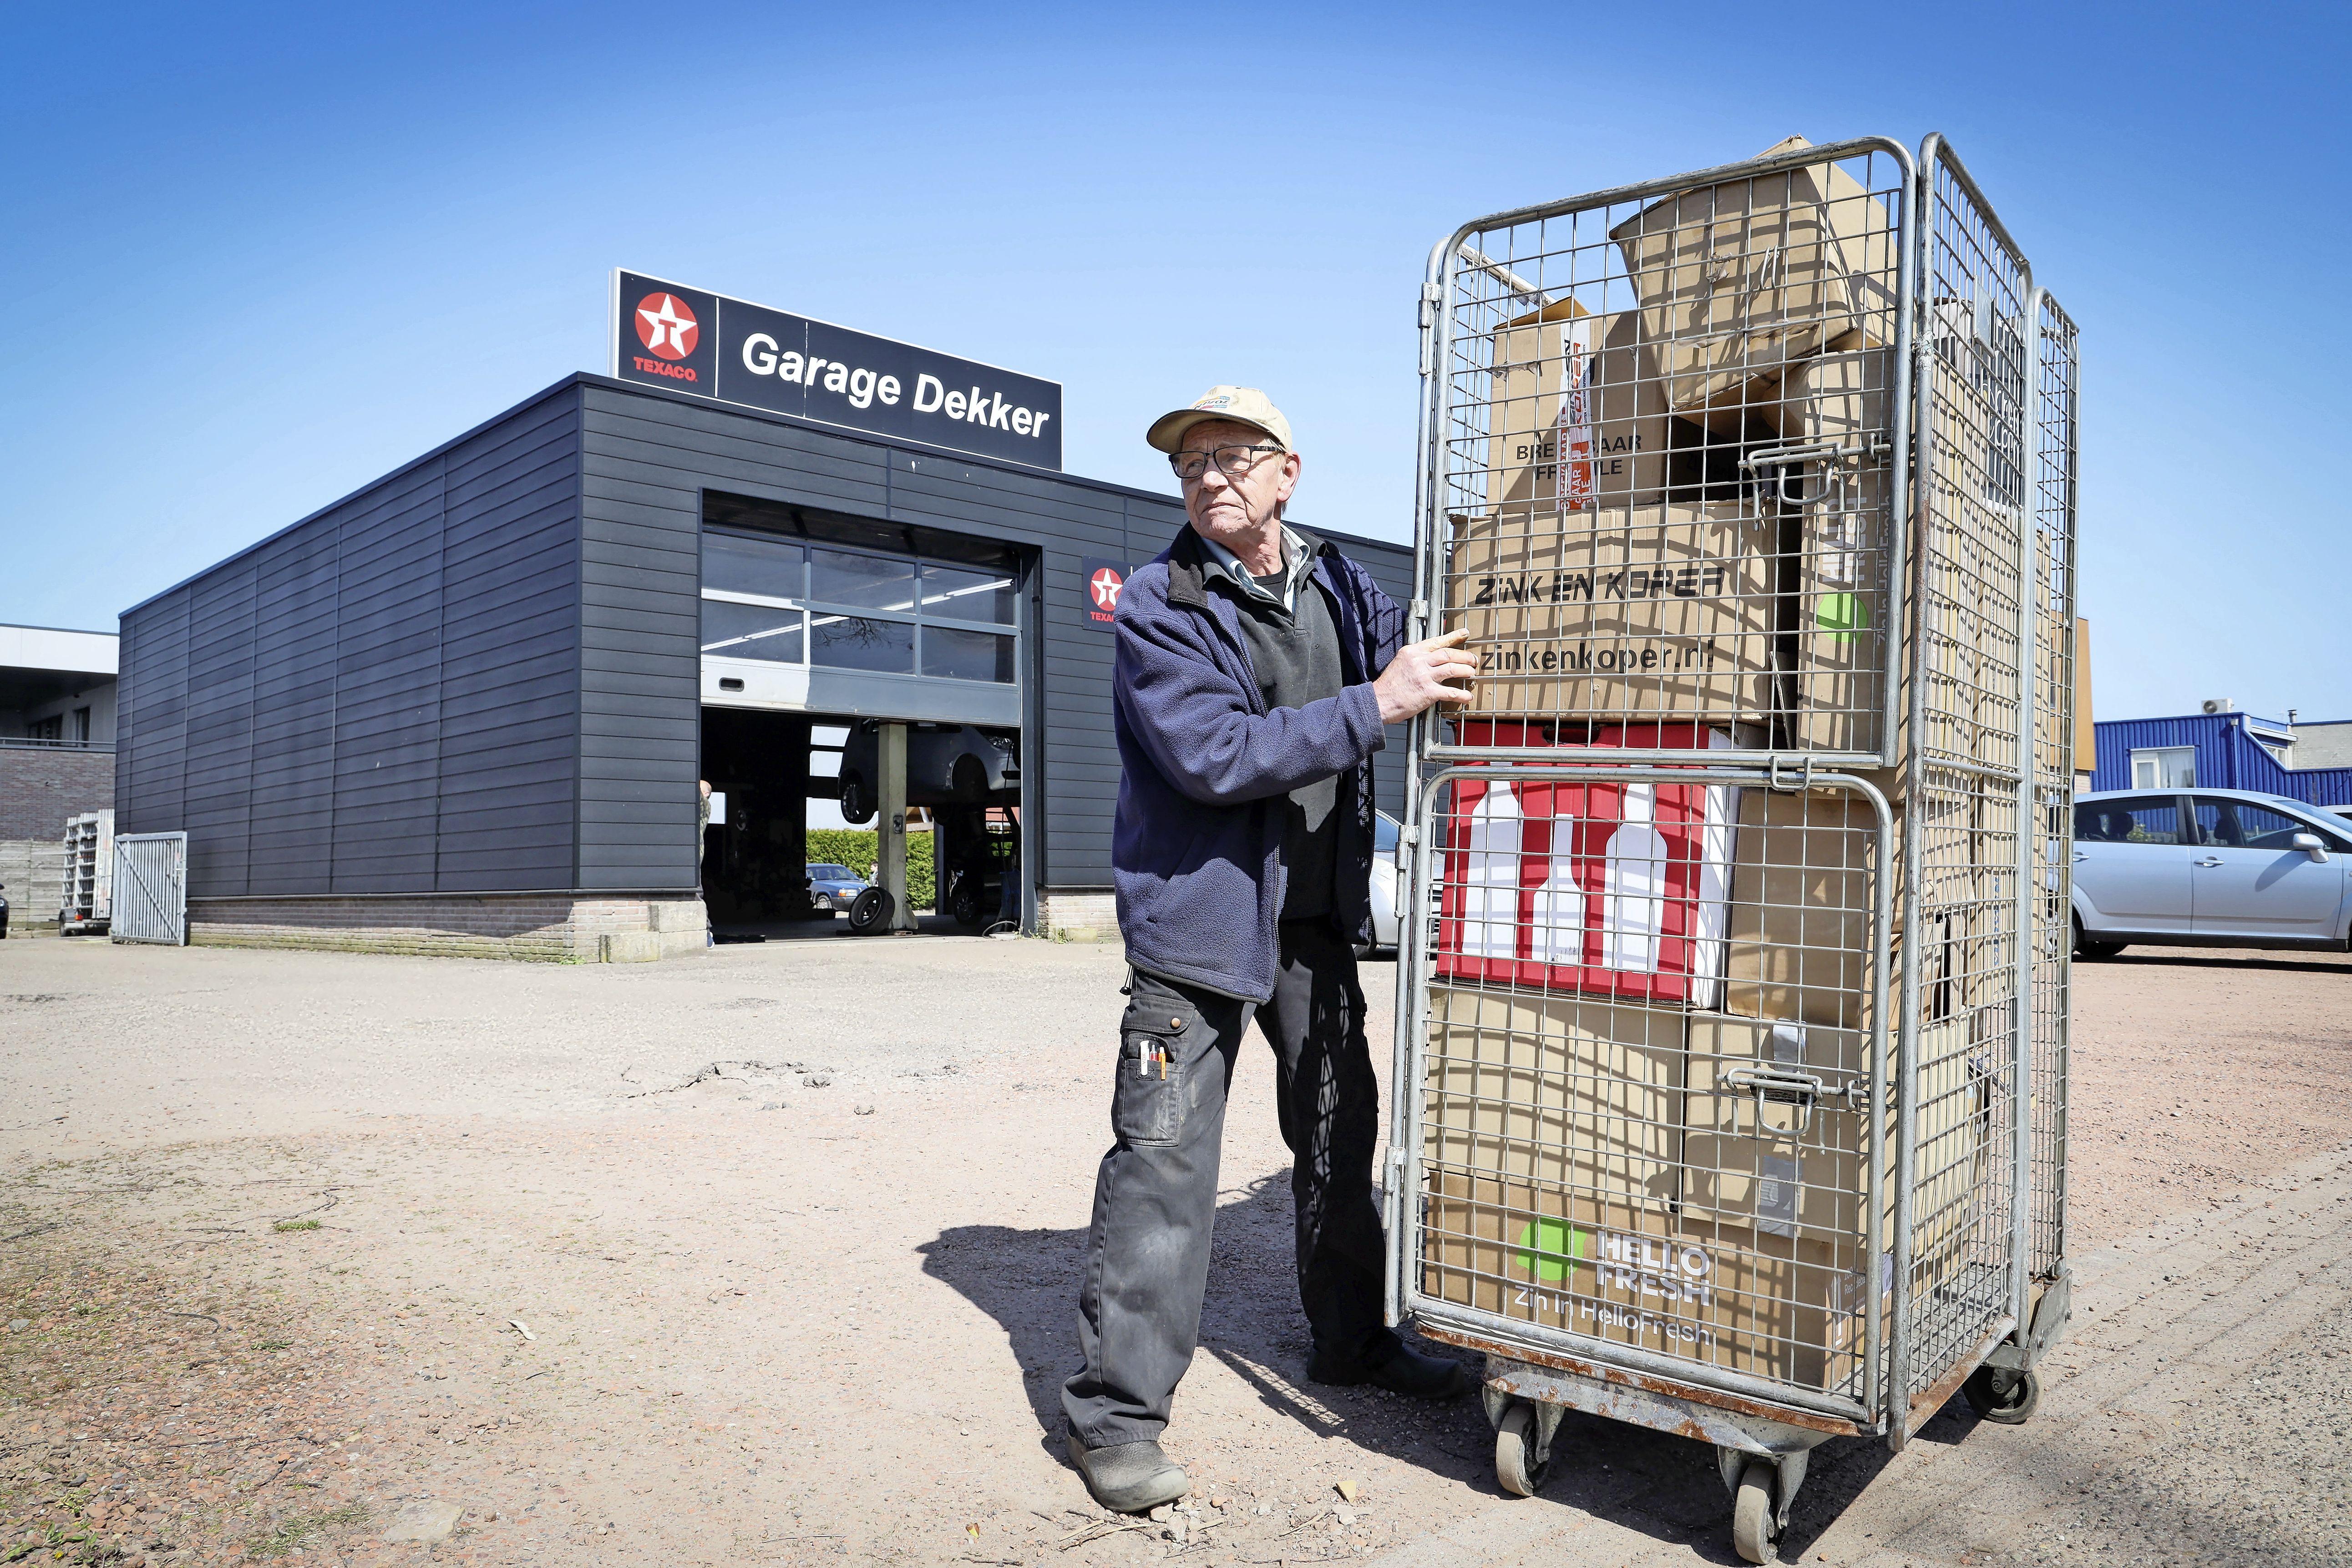 Meningen verdeeld over betalen voor het ophalen van oud papier van bedrijven: 'Ze hebben het al moeilijk genoeg'